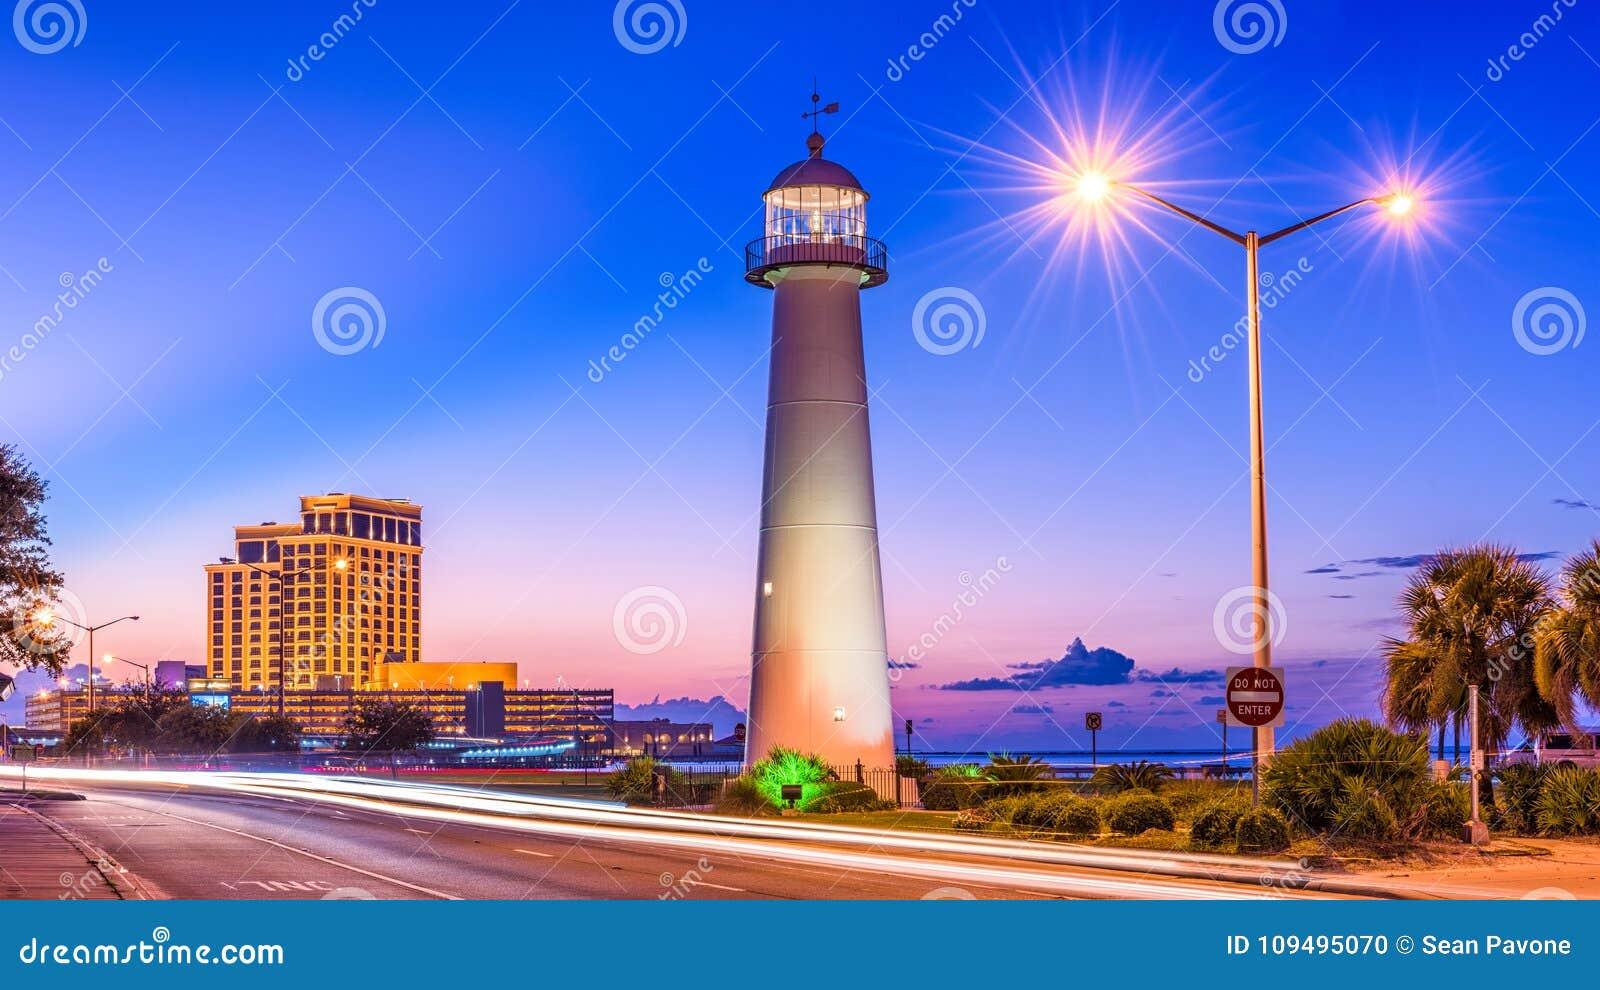 Biloxi Mississippi Usa Stock Photo Image Of Illumination 109495070